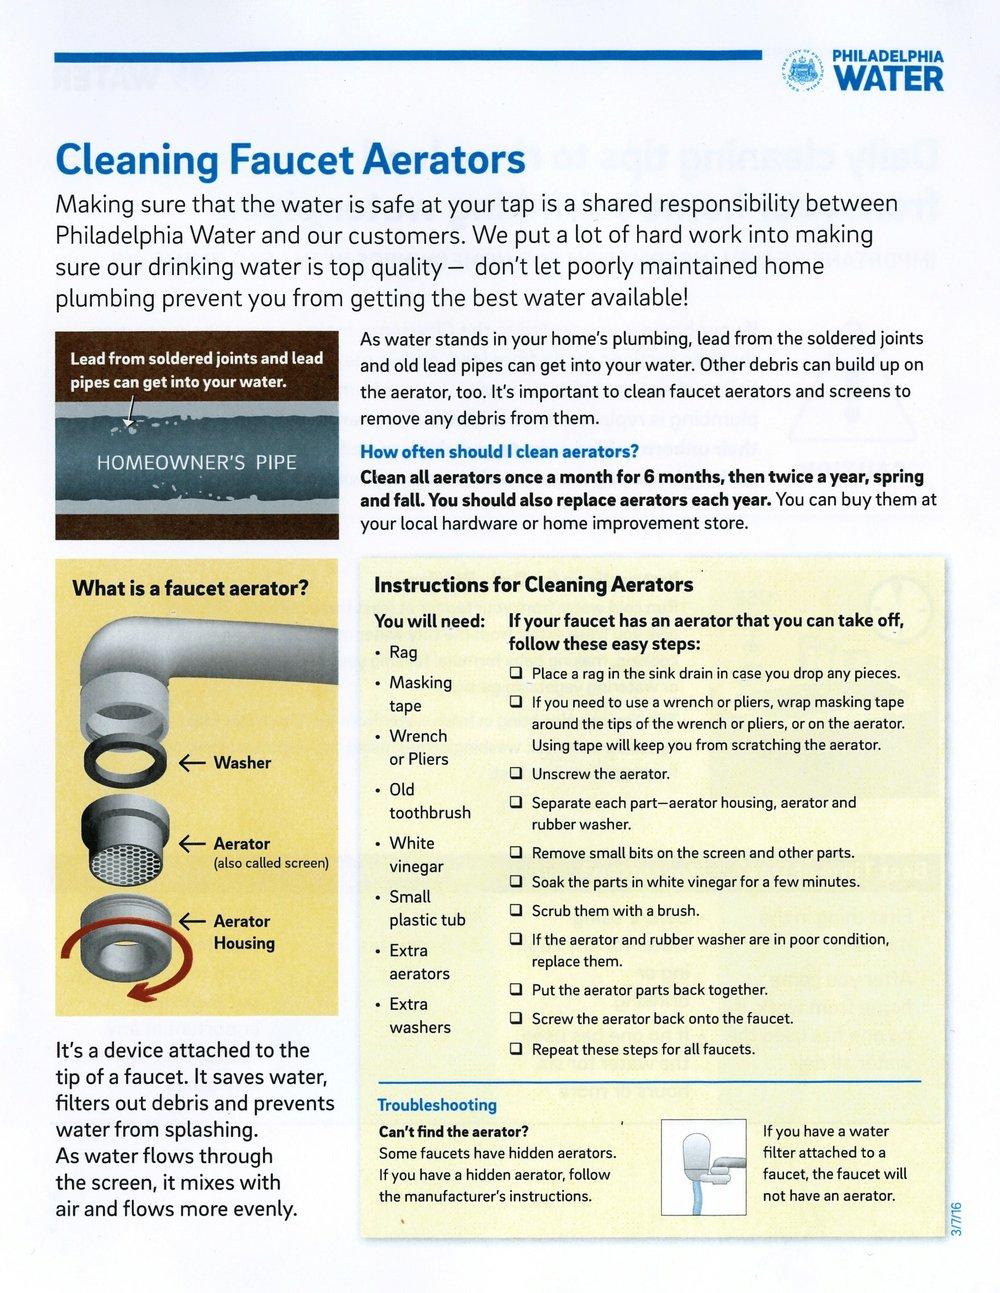 clean faucet aeretors 2.jpg